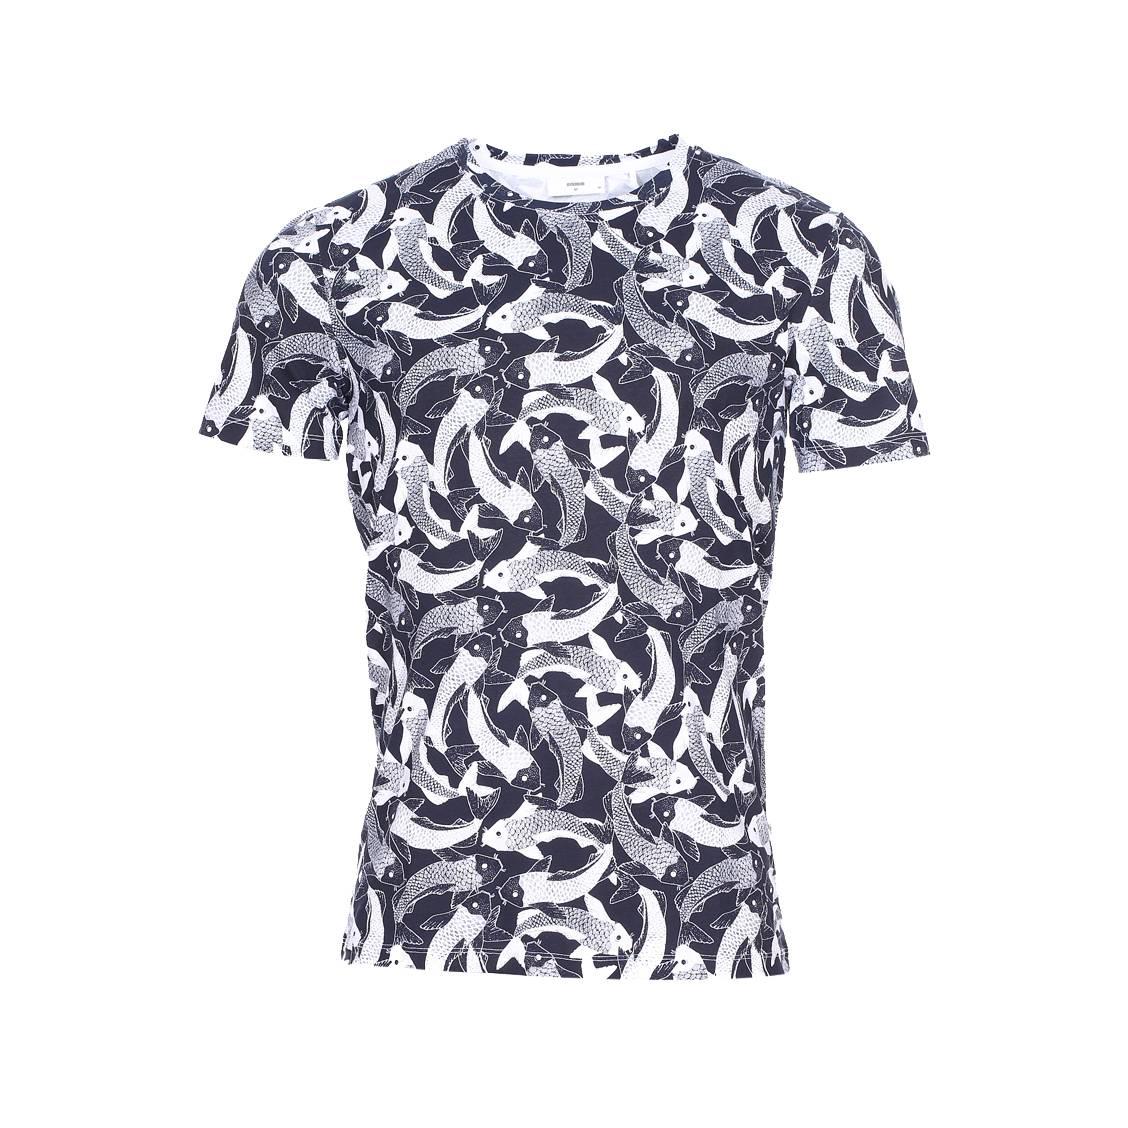 aa4d911efe2 Tee-shirt col rond Minimum en coton à motifs poissons bleu marine et blancs  ...